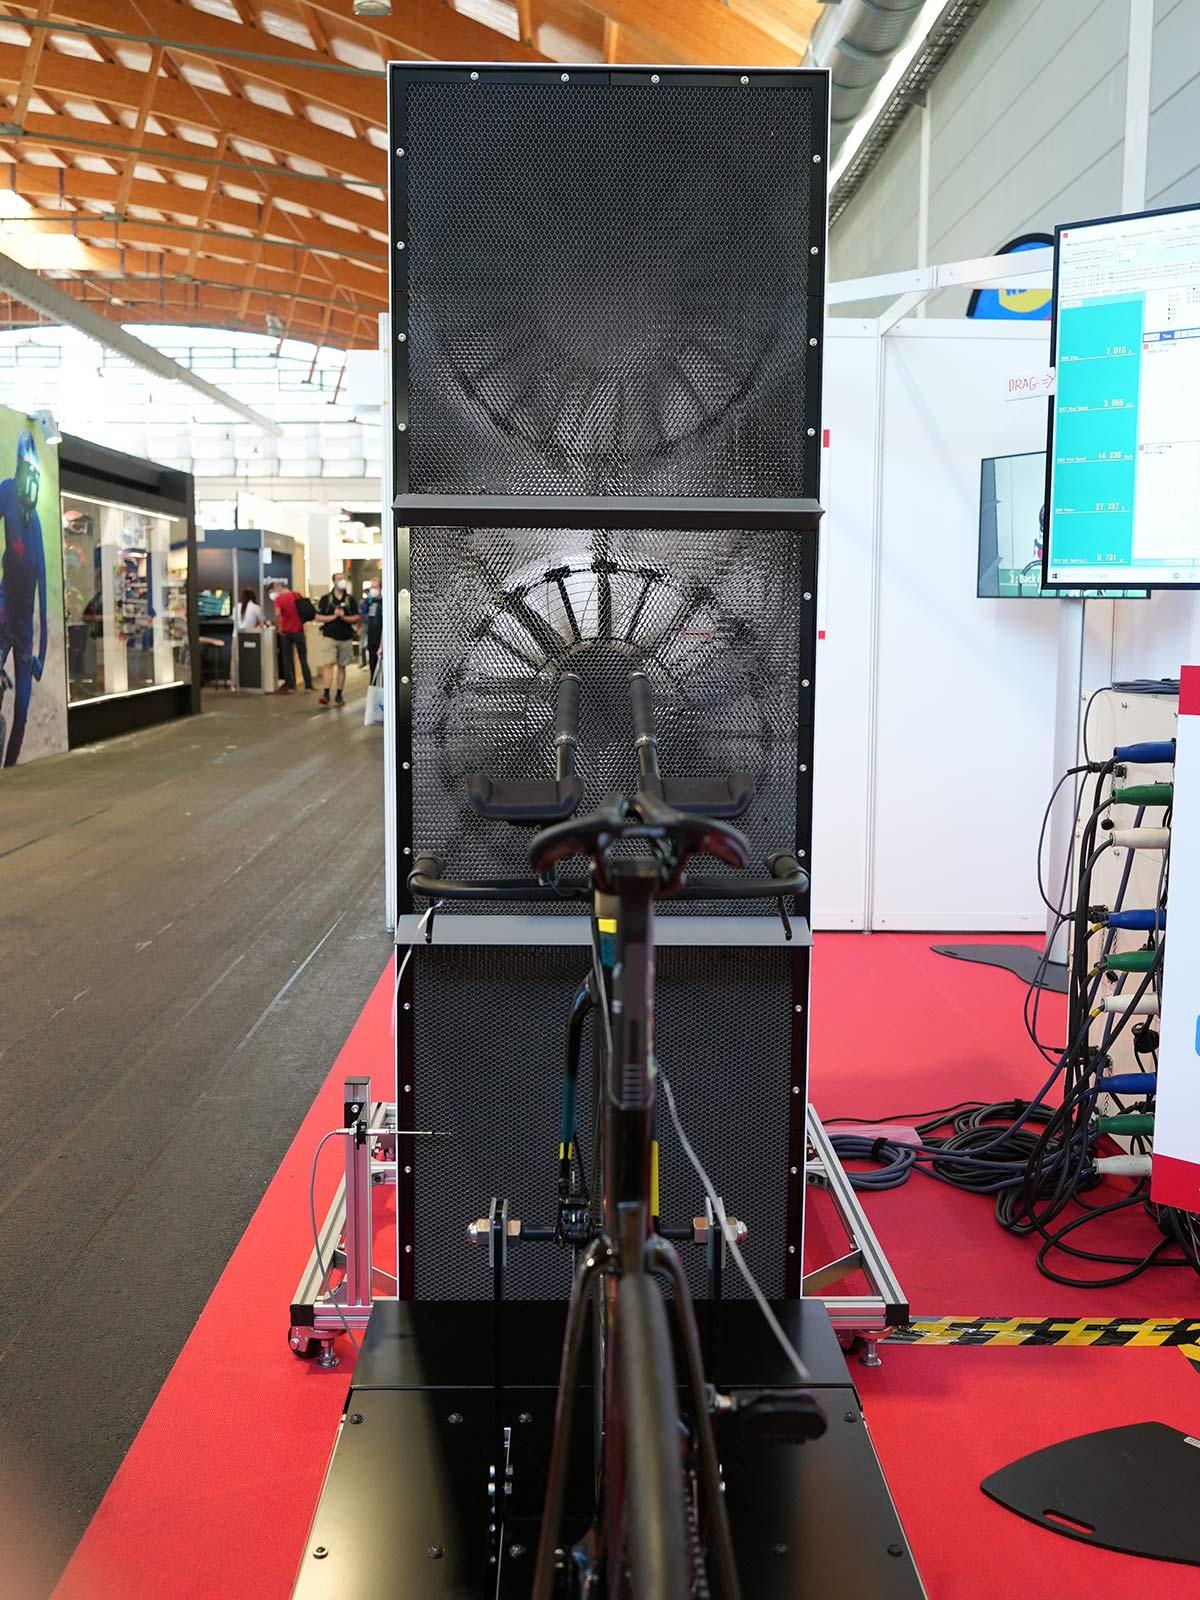 aero optim mini modular wind tunnel for testing bicycle aerodynamics and drag